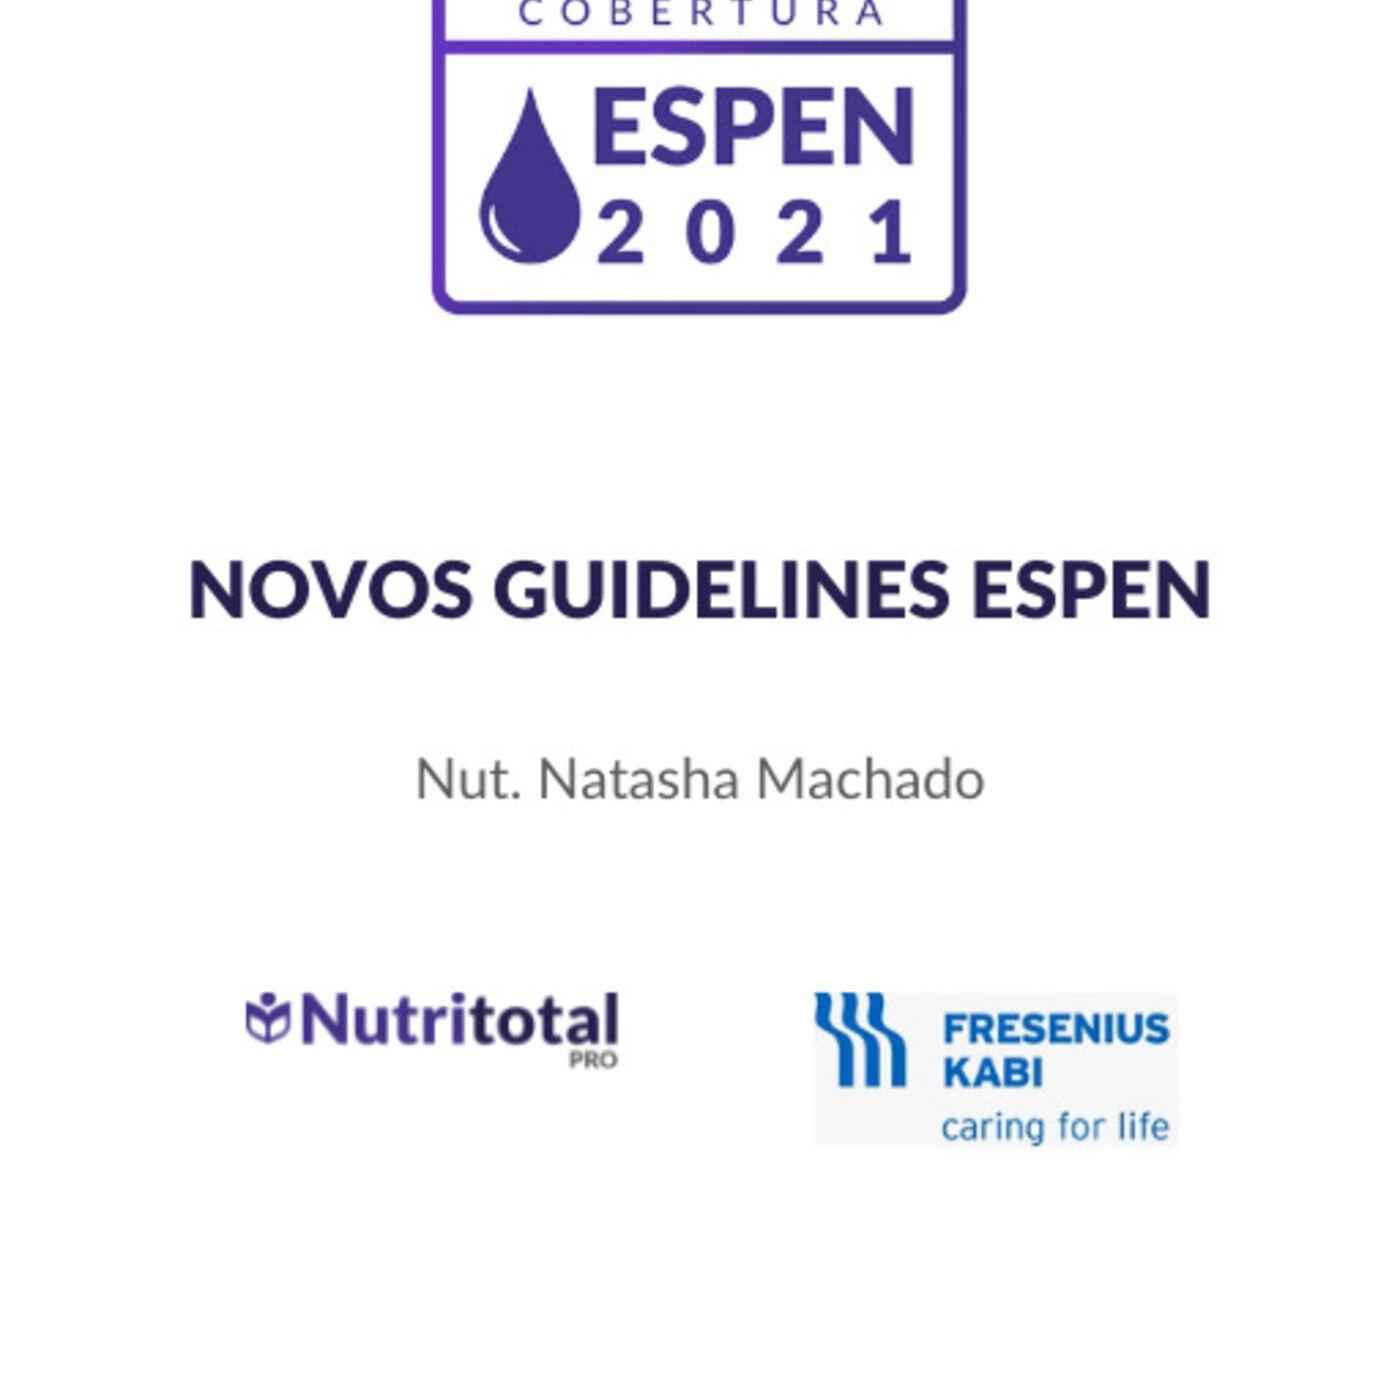 Congresso ESPEN 2021: Novos Guidelines ESPEN